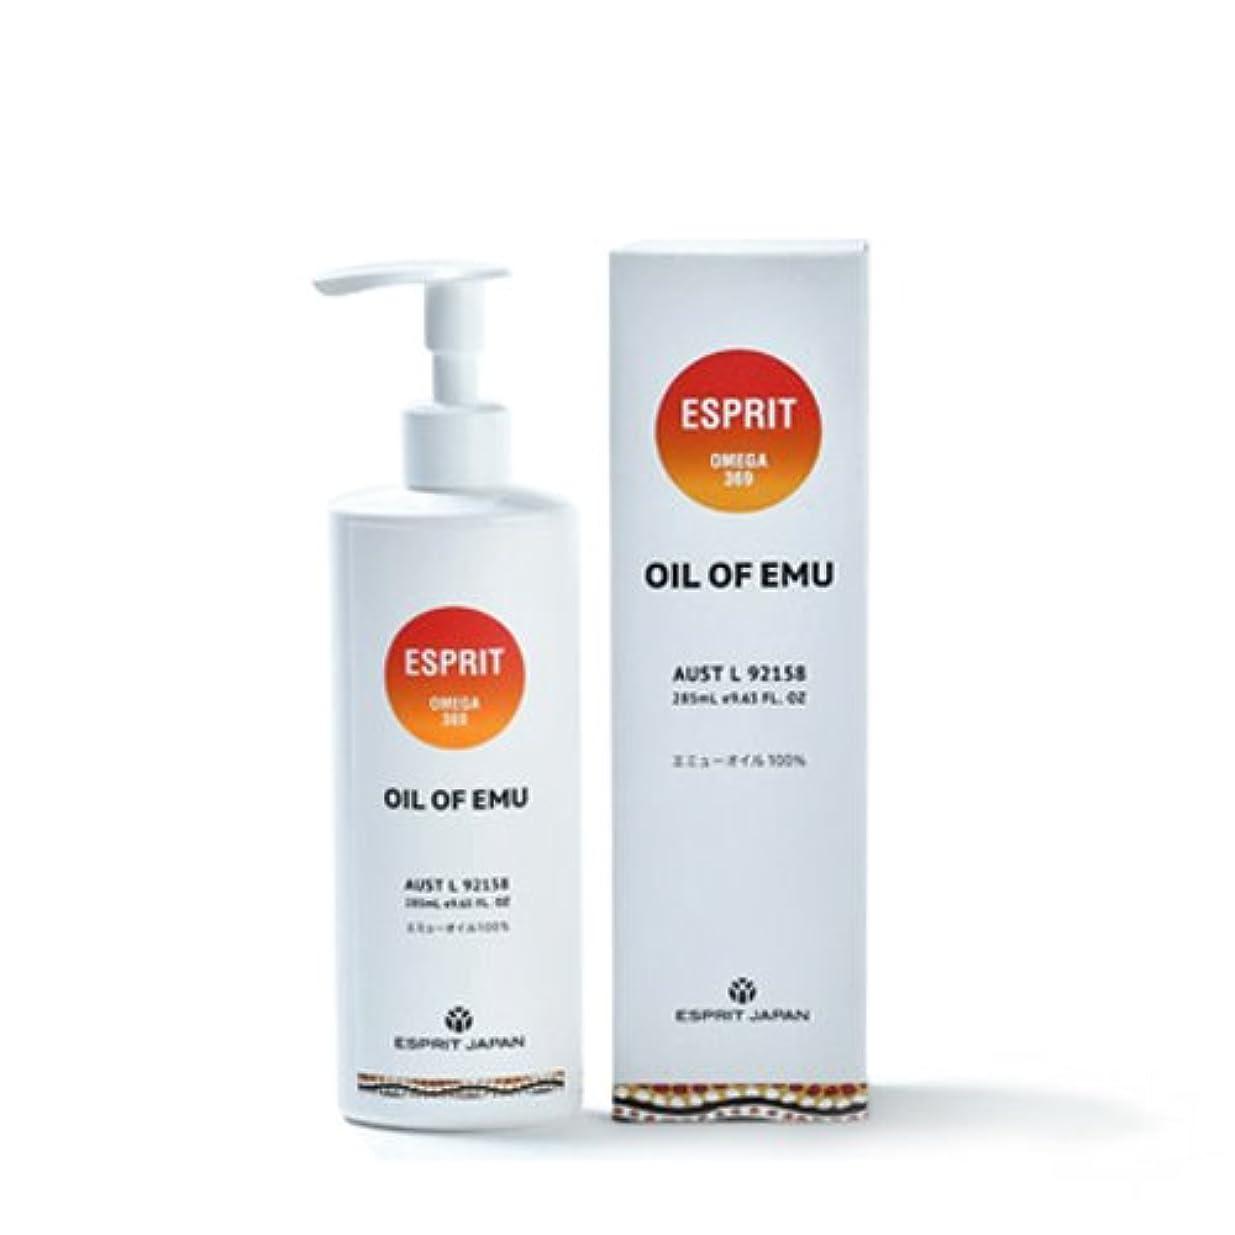 差別予測する運命的な【OIL OF EMU】【285ml】【エミューマッサージオイル】【エミューオイル】EMU SPIRIT製 オイル?オブ?エミュー 285ml OIL of EMU (エミューオイル 100%) Sサイズ